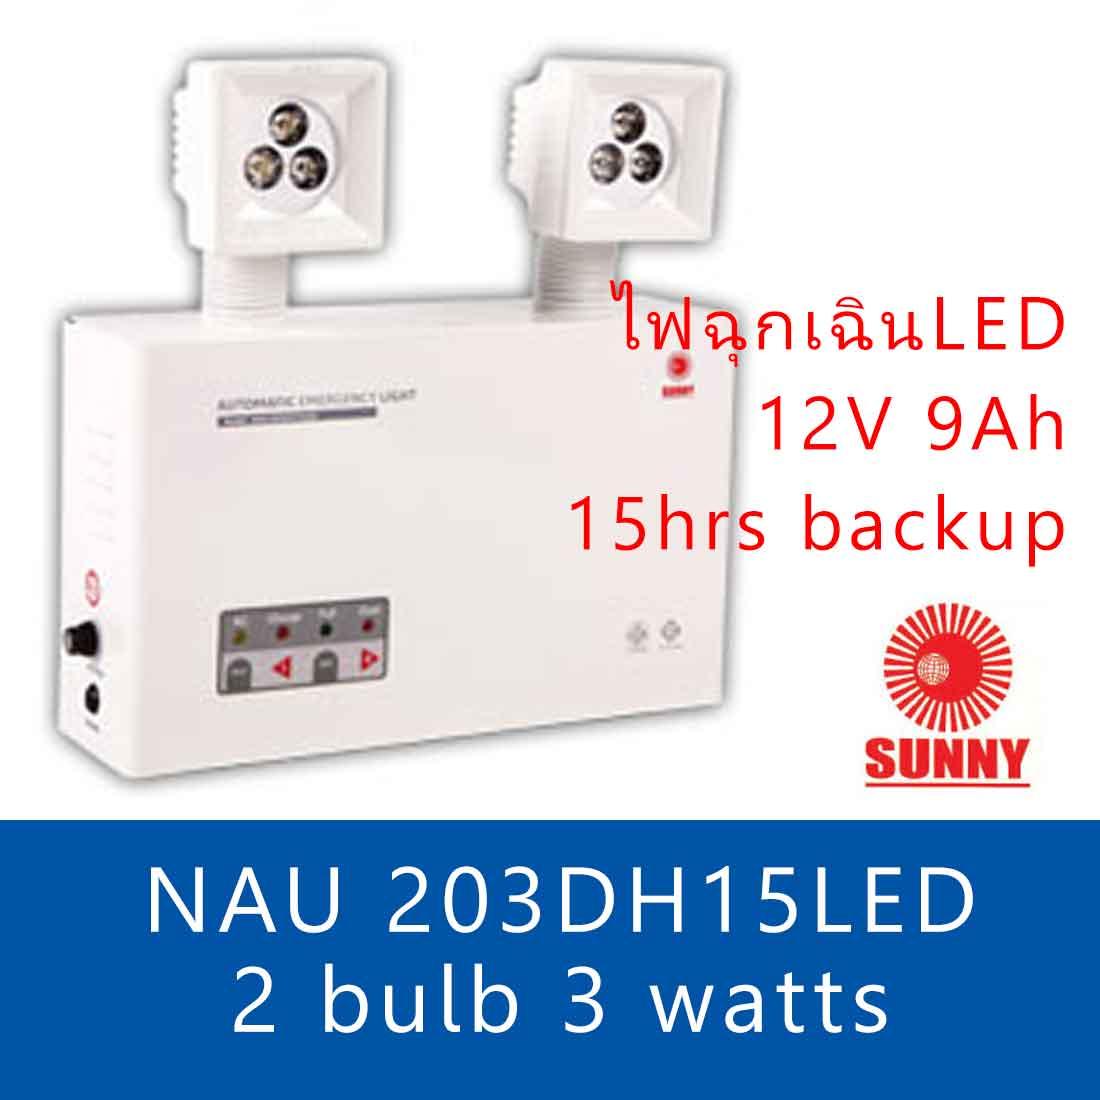 โคมไฟฉุกเฉิน LED 2 หลอด 3 watt 12V 9Ah 15hrs NAU203DH15LED SUNNY